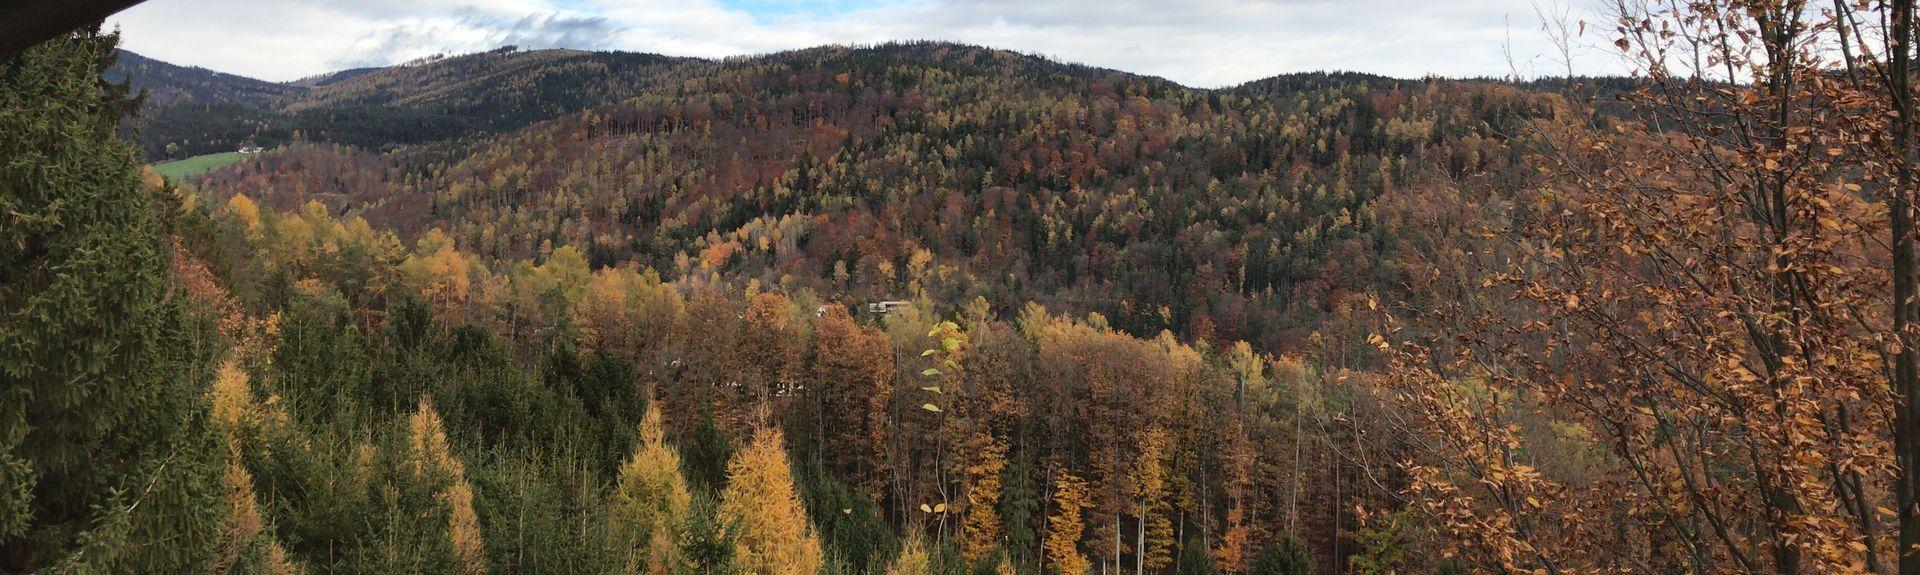 Semriach, Stiermarken, Oostenrijk